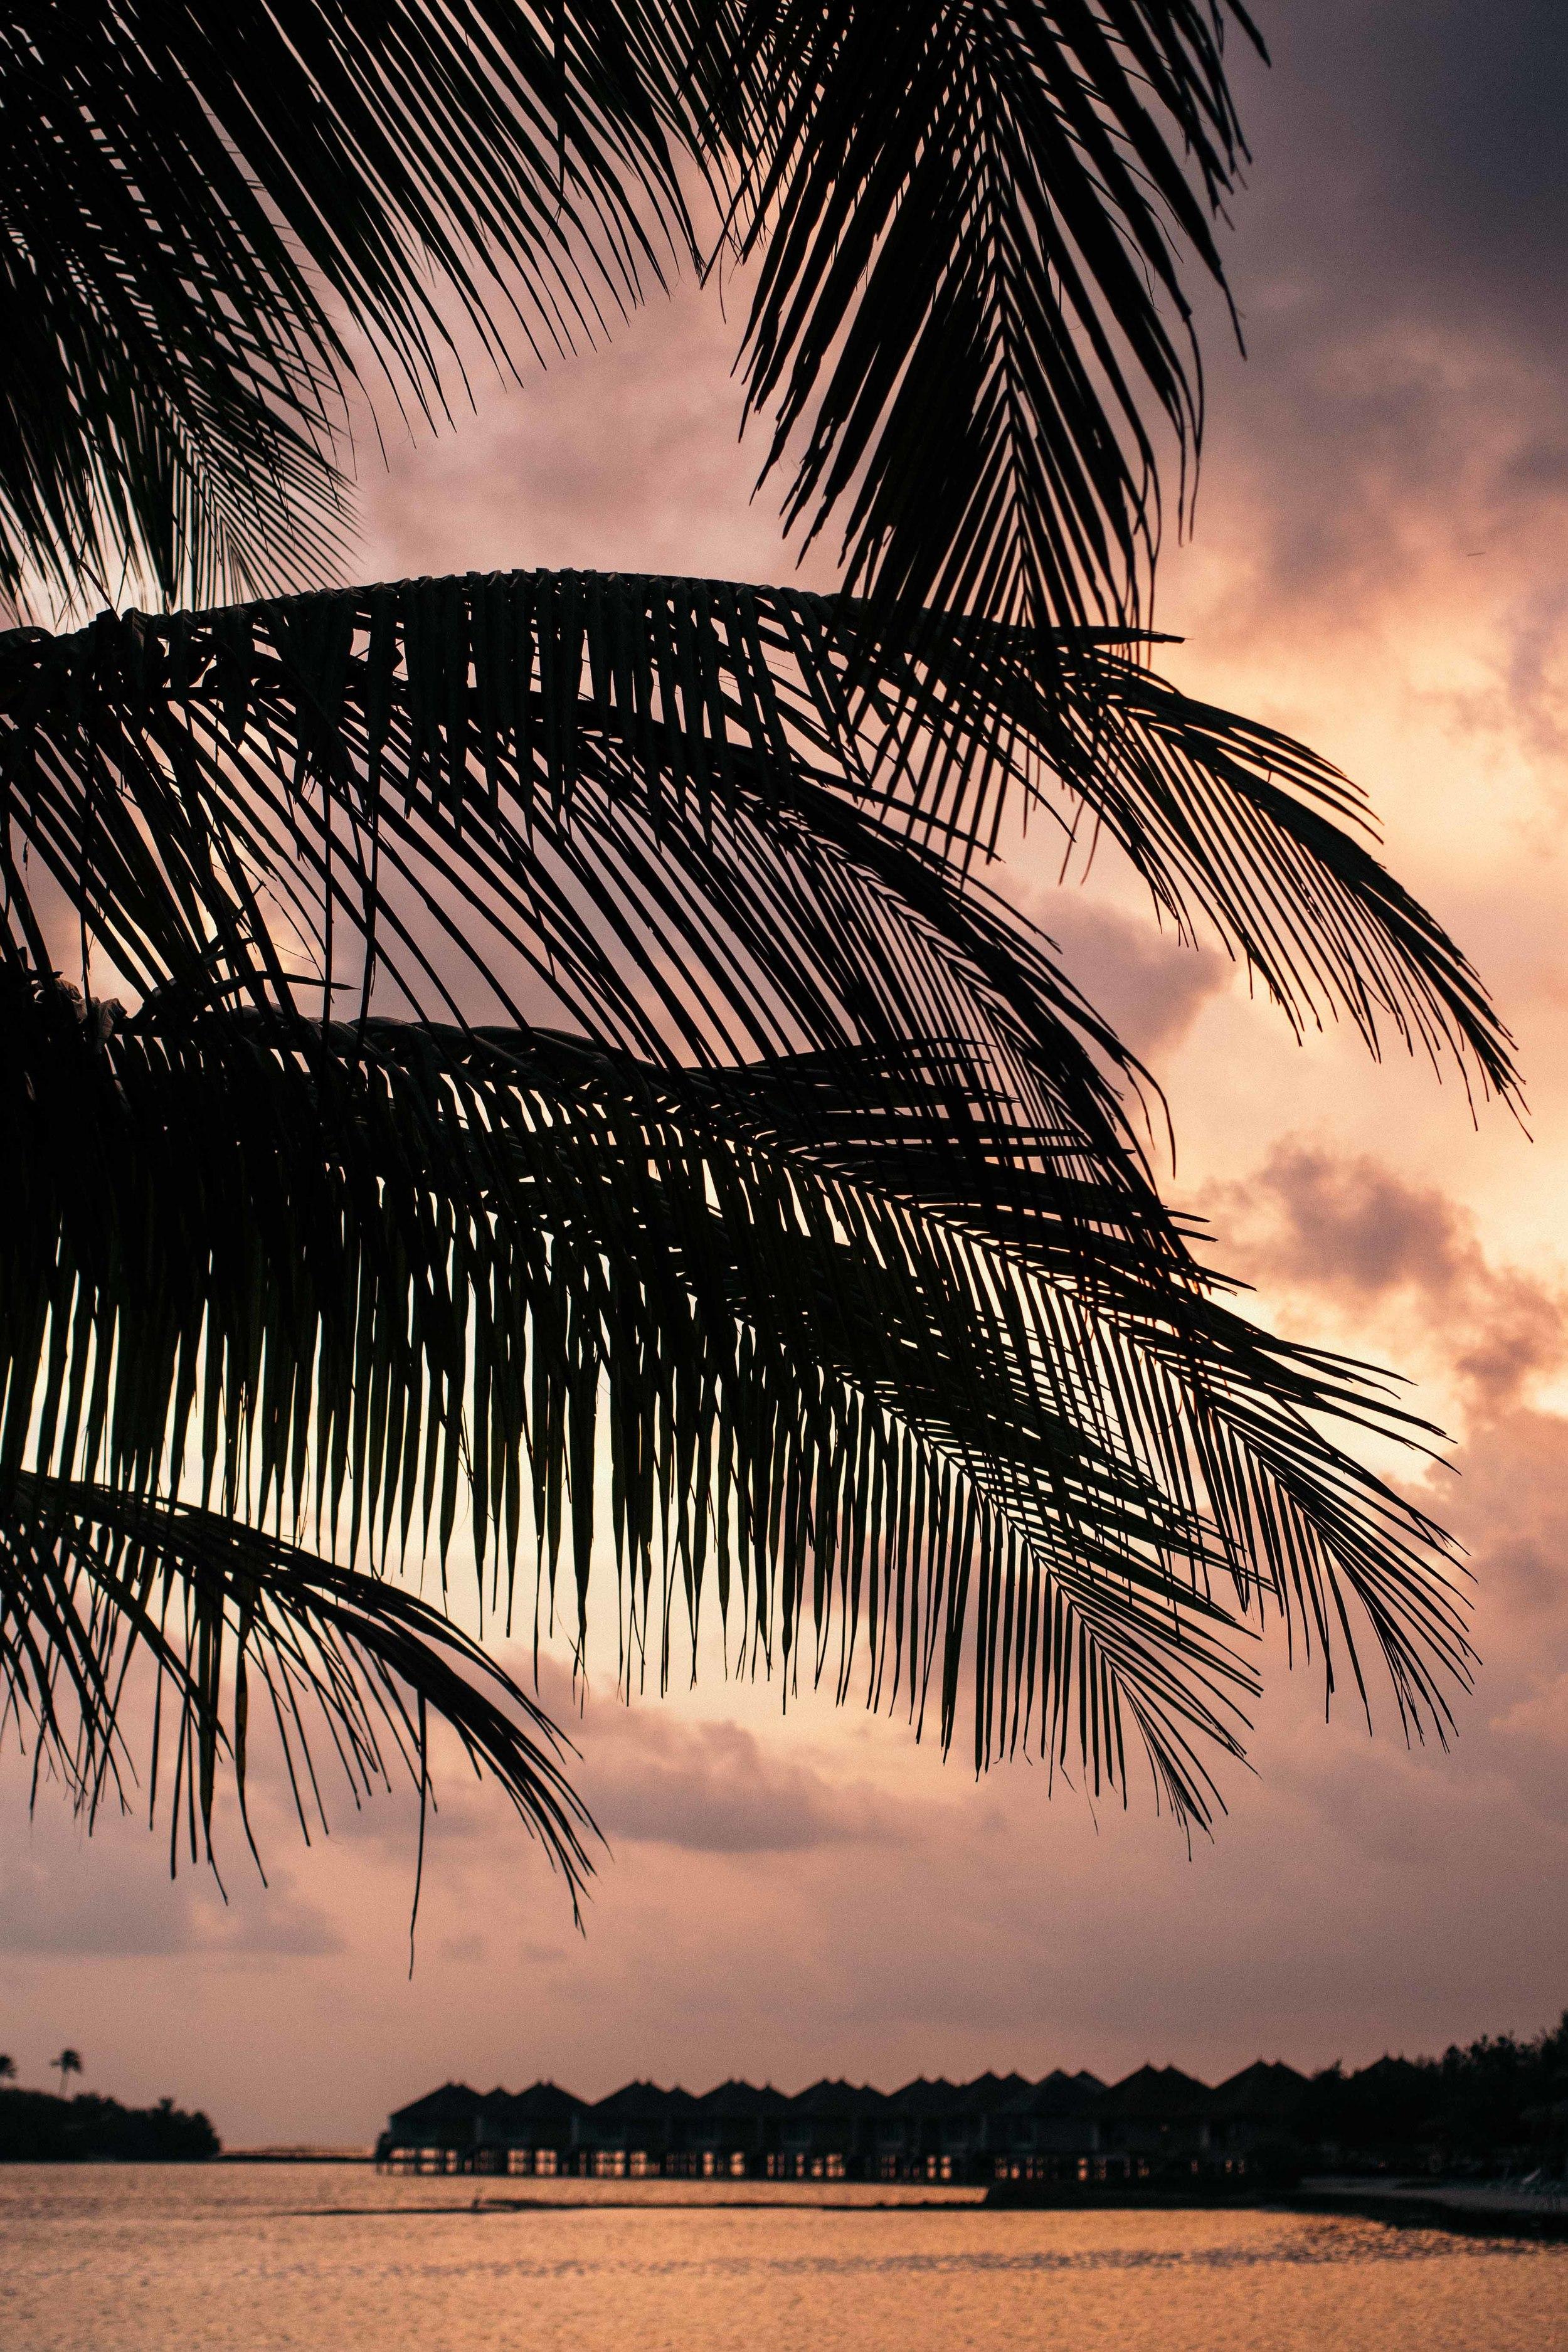 MALDIVES_CORONA_COCONUT COMRADERY_11.jpg